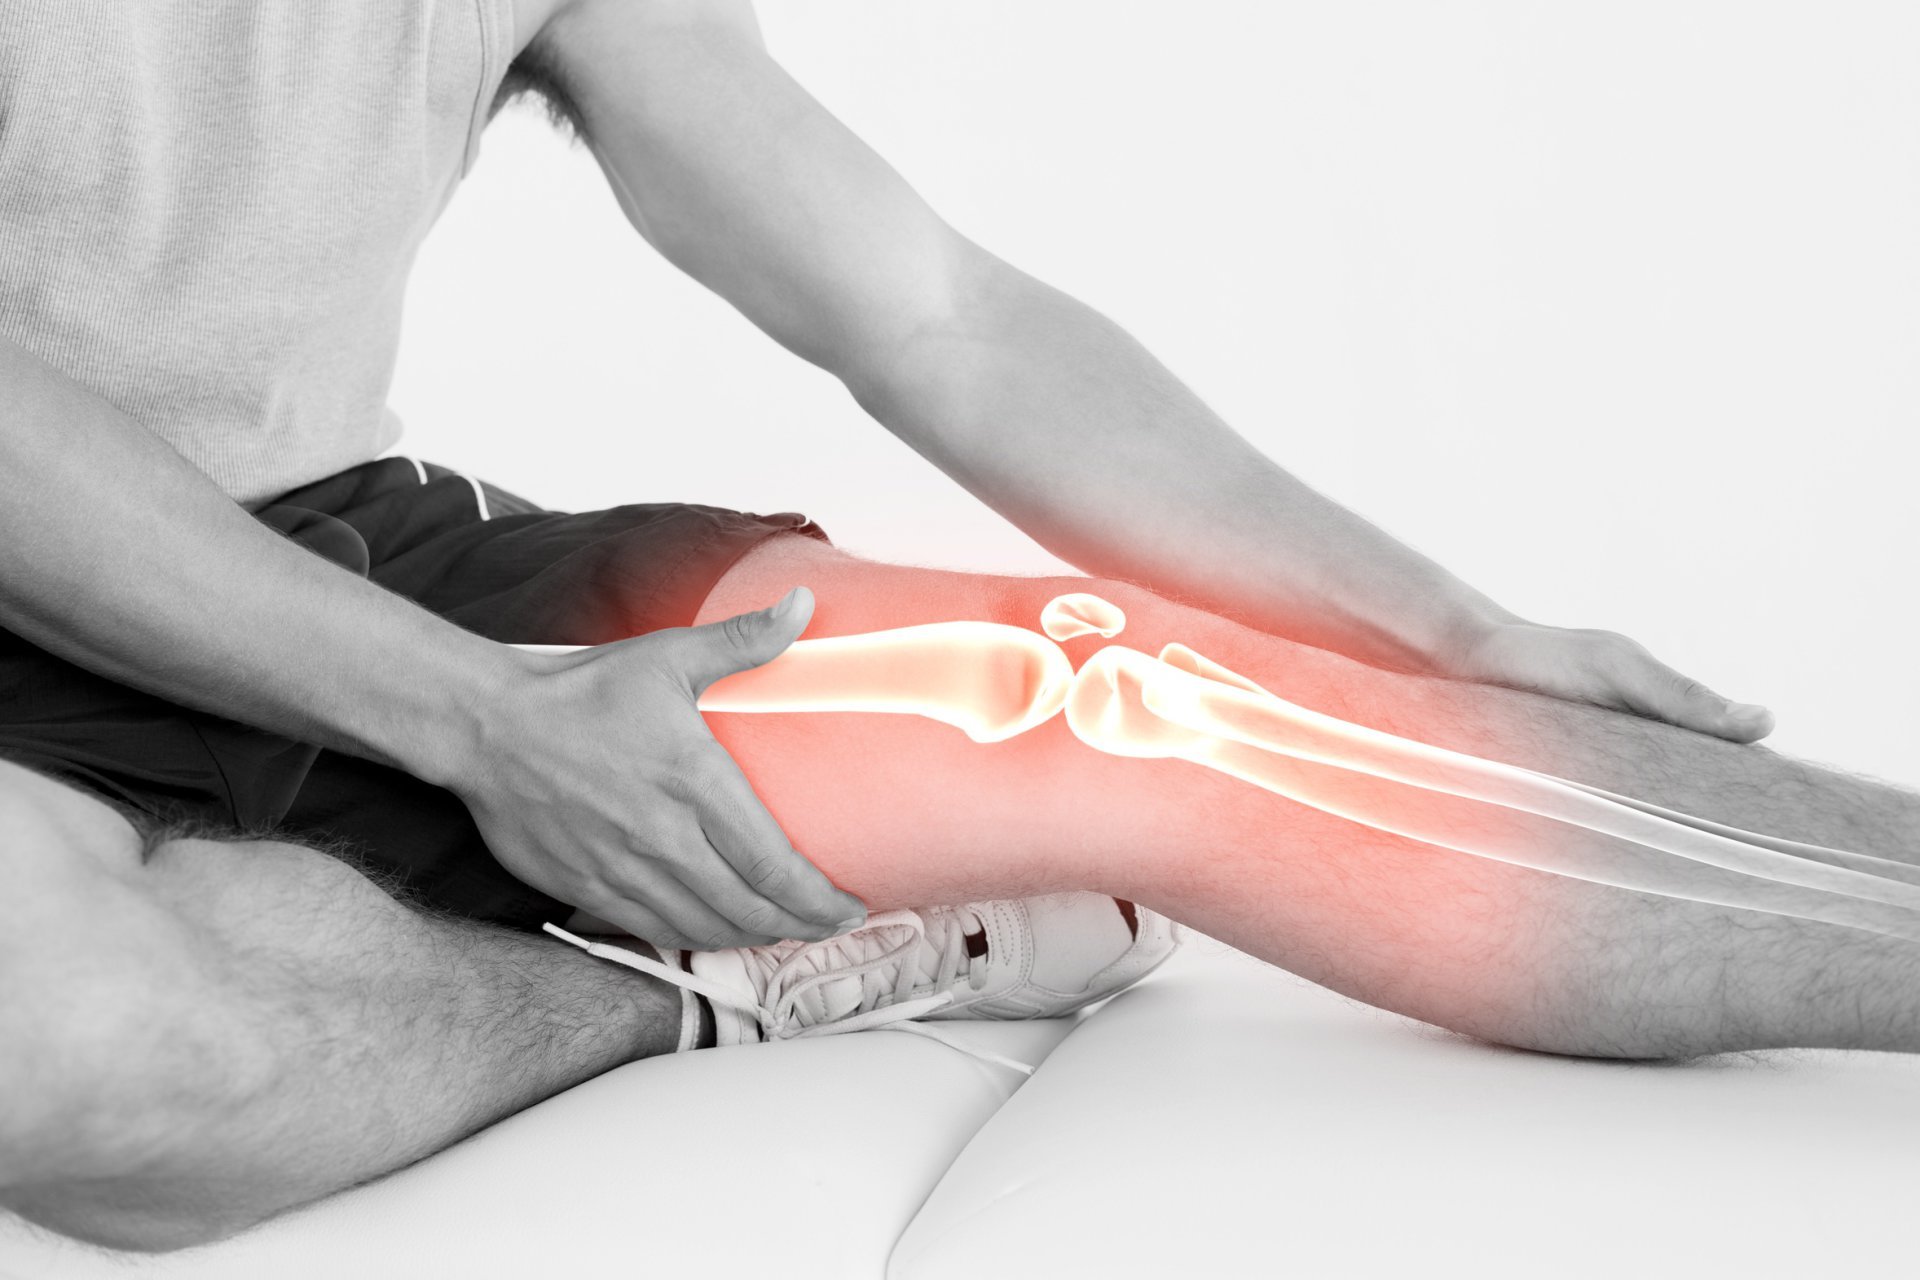 raumenų skausmas sąnarių kaulai artrozė 2 etapai pečių sustain